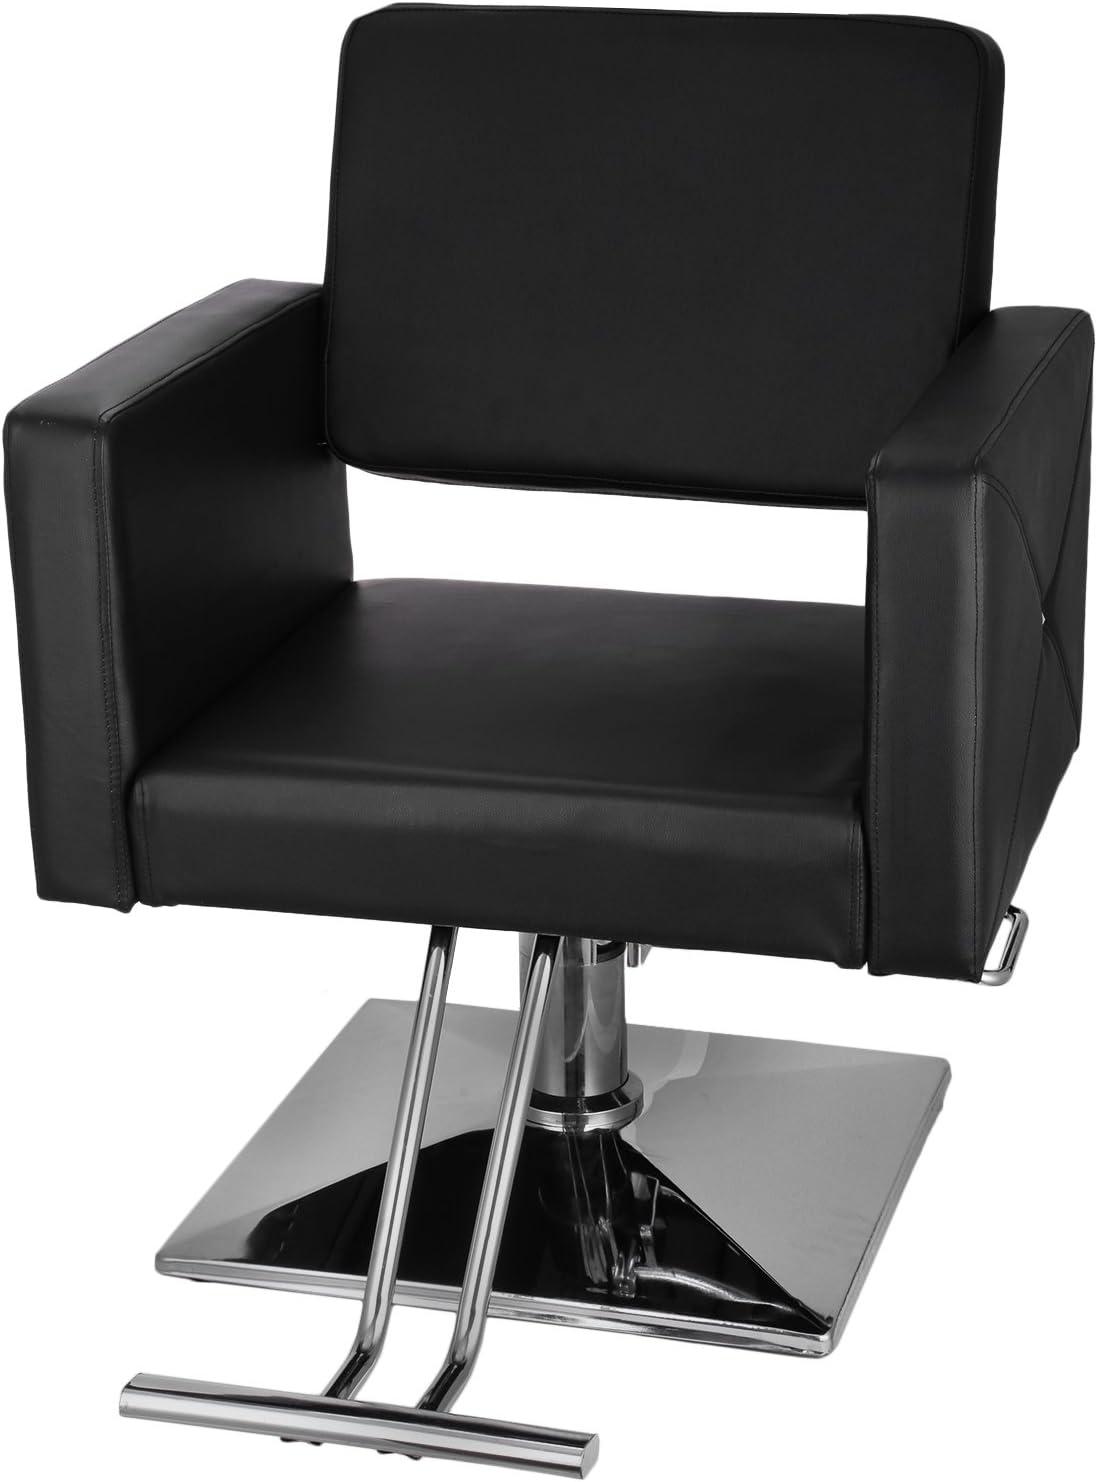 Sillas de Barbero 150kg Silla de Peluquería Hidráulica PU Cuero Silla de Peluquería Hydraulic Barber Chair para SPA Belleza